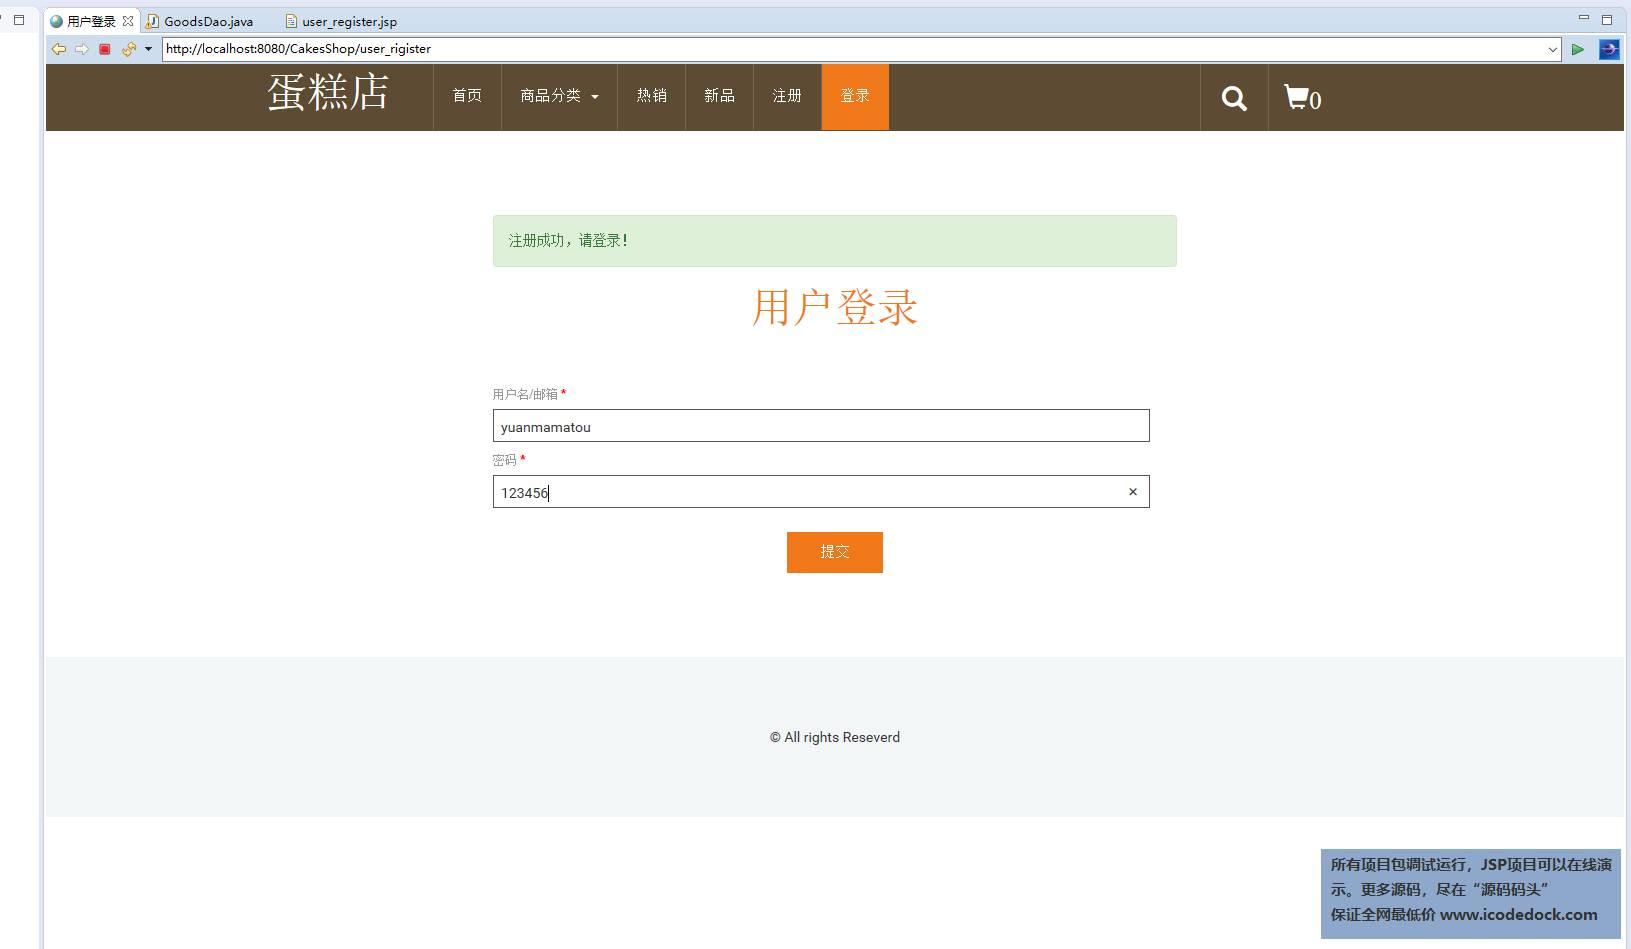 源码码头-JSP蛋糕甜品店管理系统-用户角色-用户登录